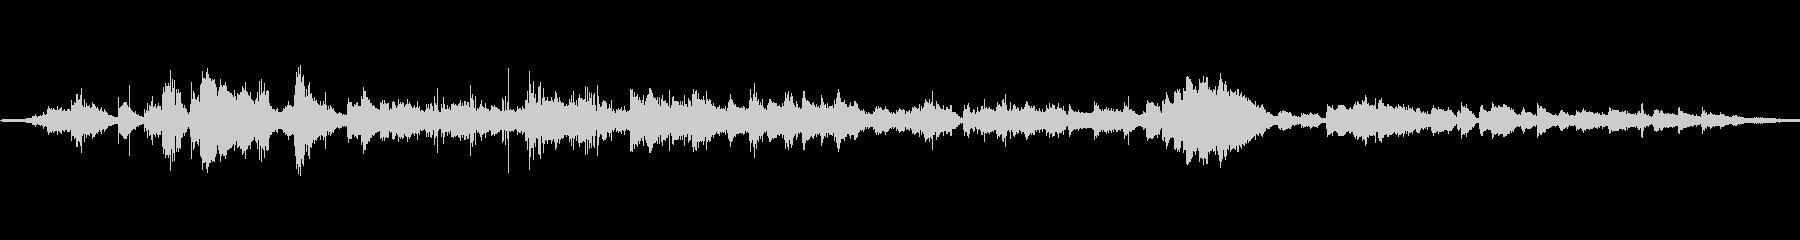 フライパンシズルグリルクックの未再生の波形